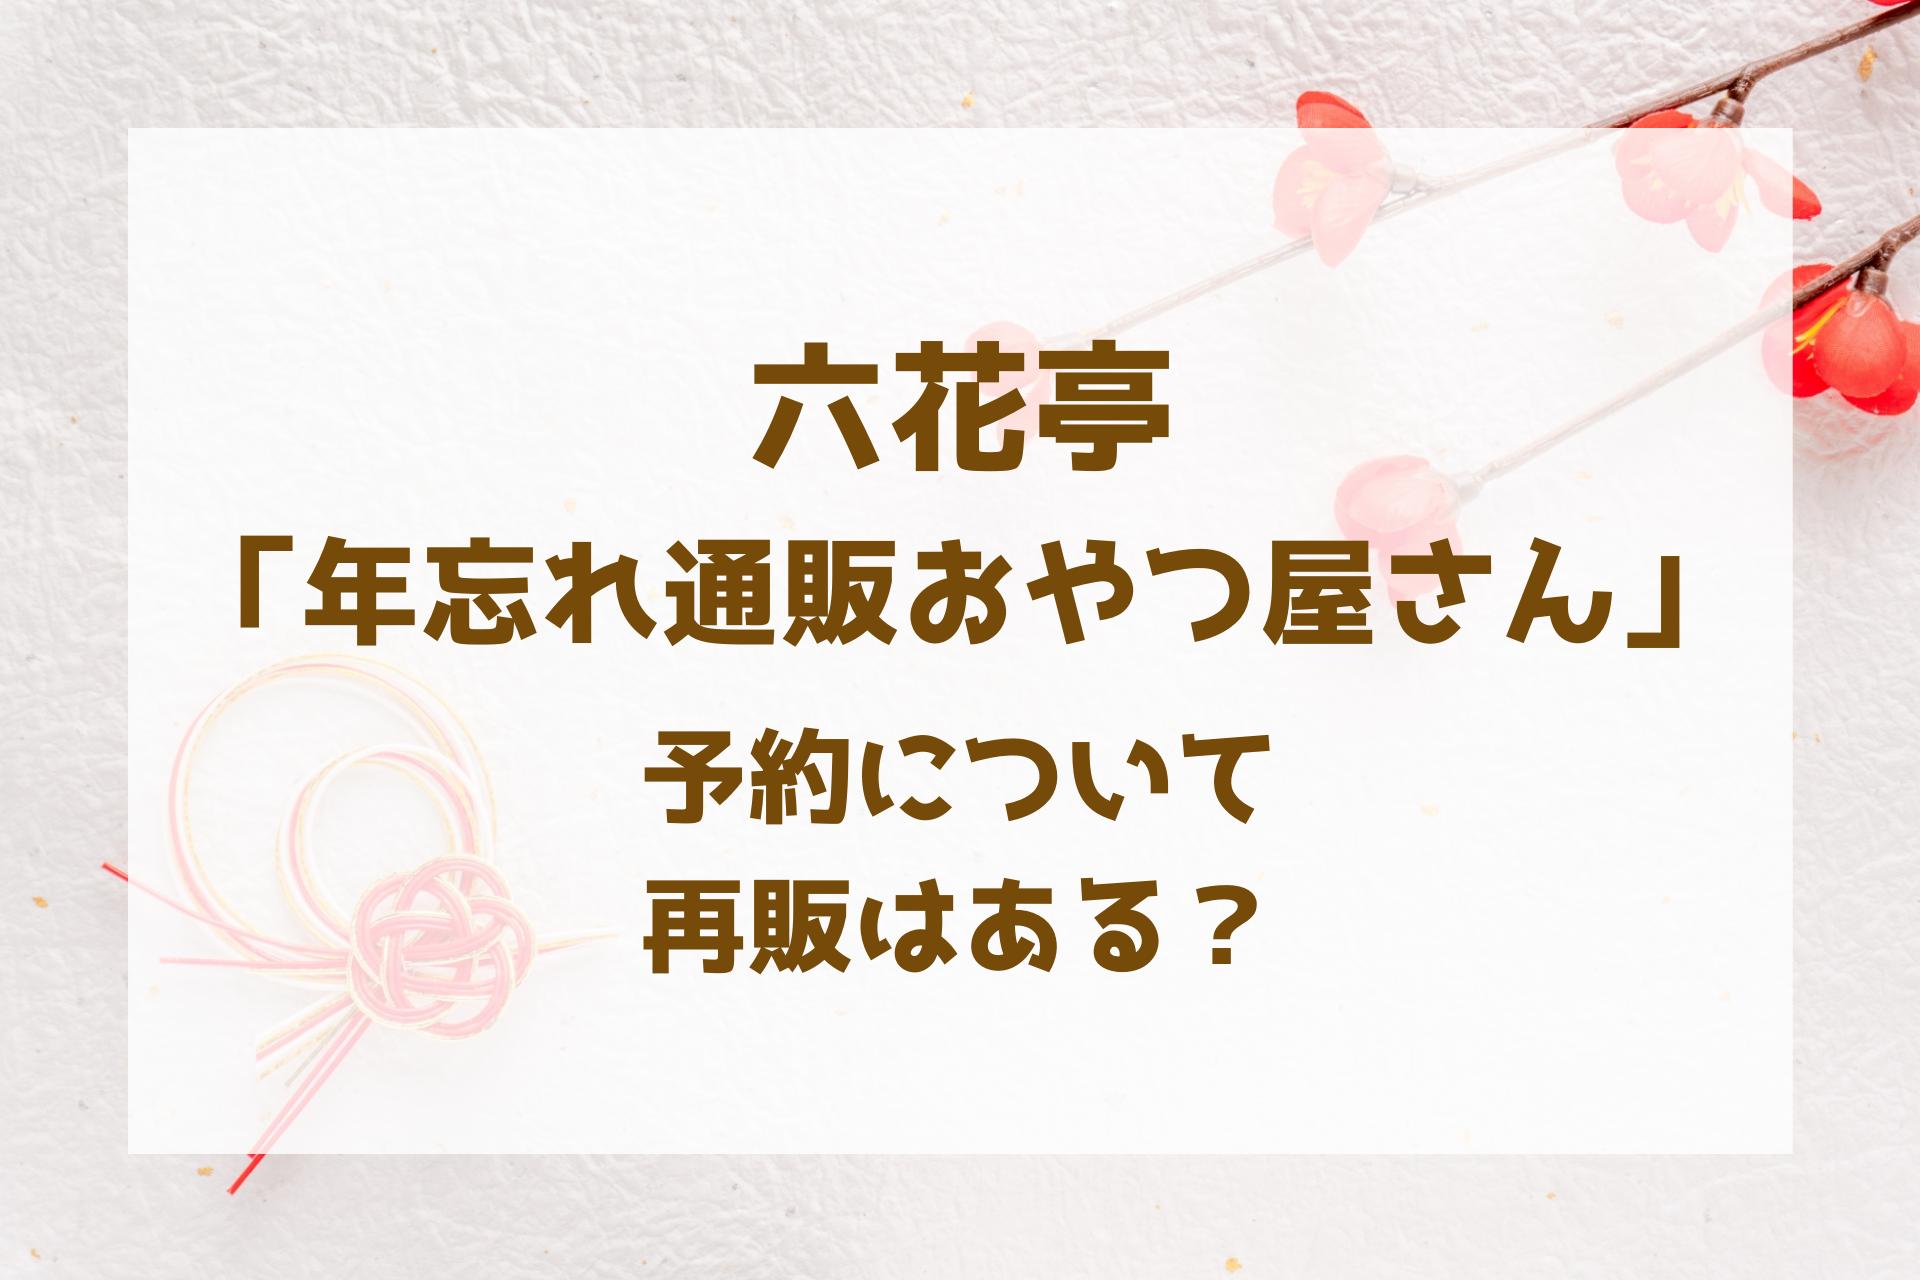 六花亭「年忘れ通販おやつ屋さん」実質福袋⁈正月の和・洋菓子詰め合わせの予約|再販はある?